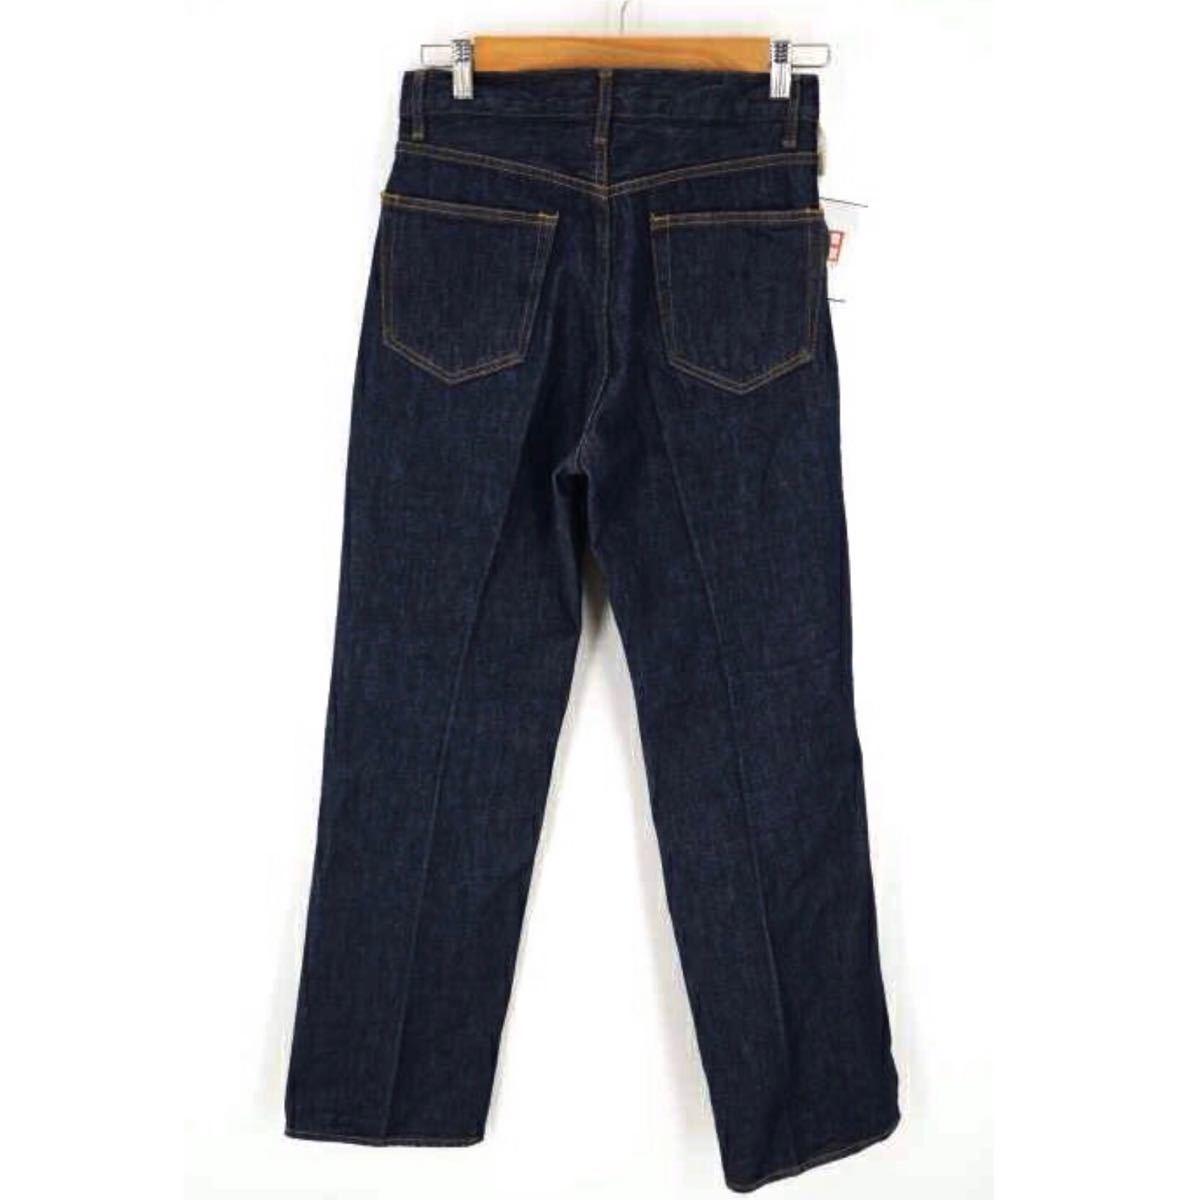 美品 オーラリー AURALEE 20SS デニム パンツ メンズ 28inch HARD TWIST DENIM5P PANTS